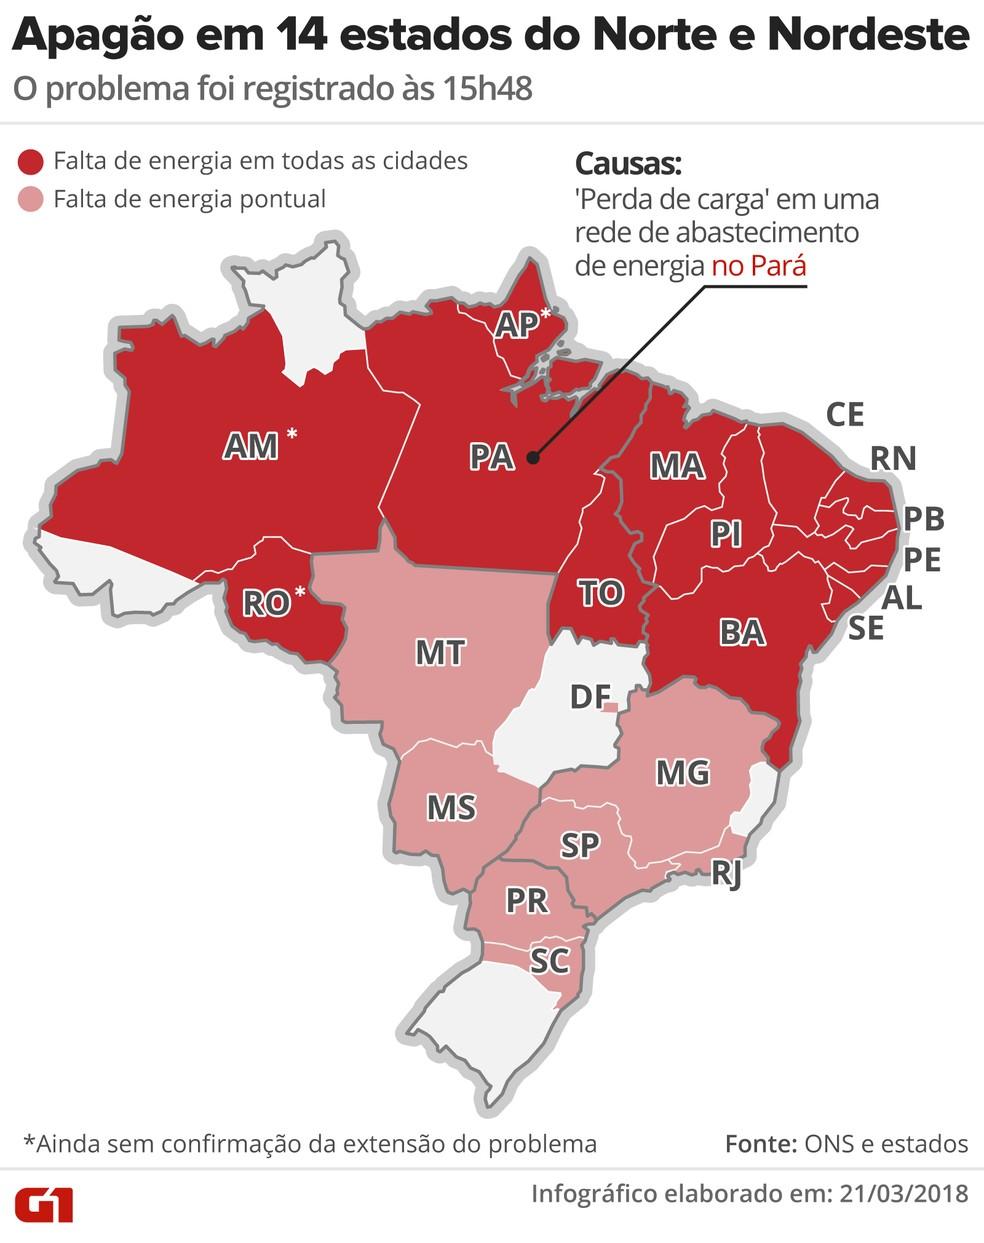 Apagão atingiu estados do Norte e do Nordeste; falha também causou reflexos em todas as regiões do país (Foto: Infografia: Alexandre Mauro/G1)